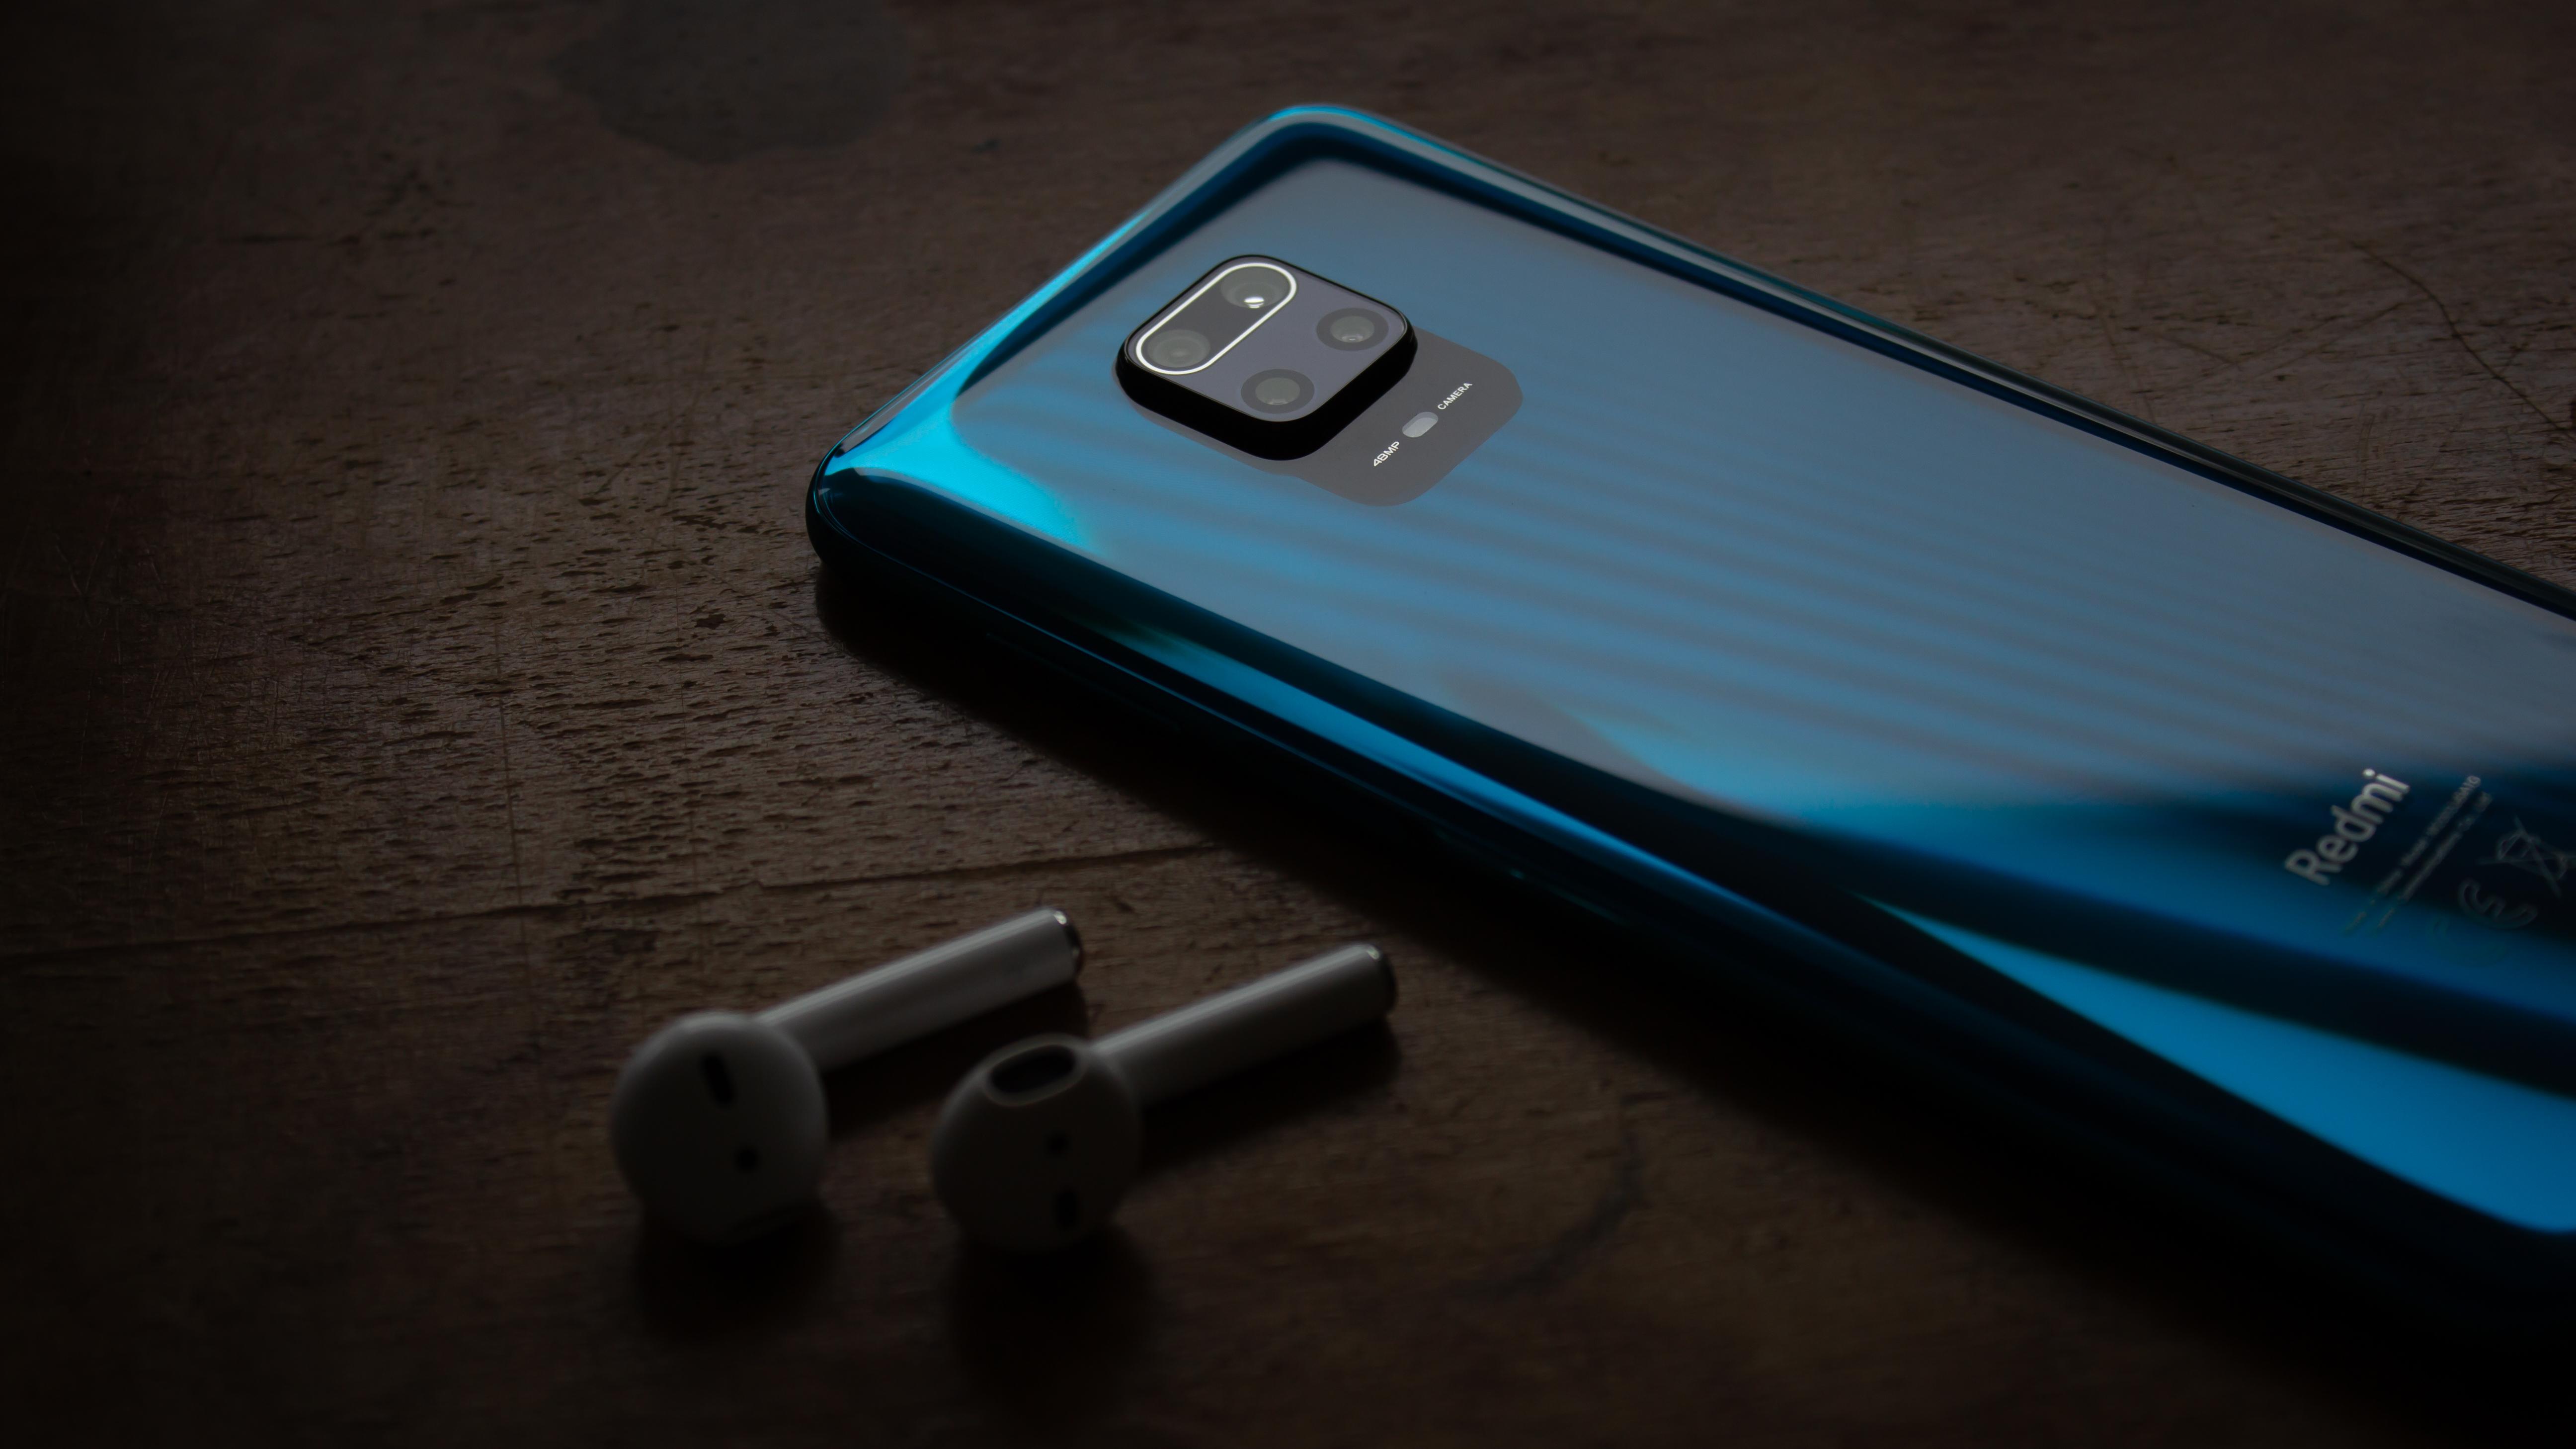 Recenzja Xiaomi Redmi Note 9s. Tanio i dobrze? 51